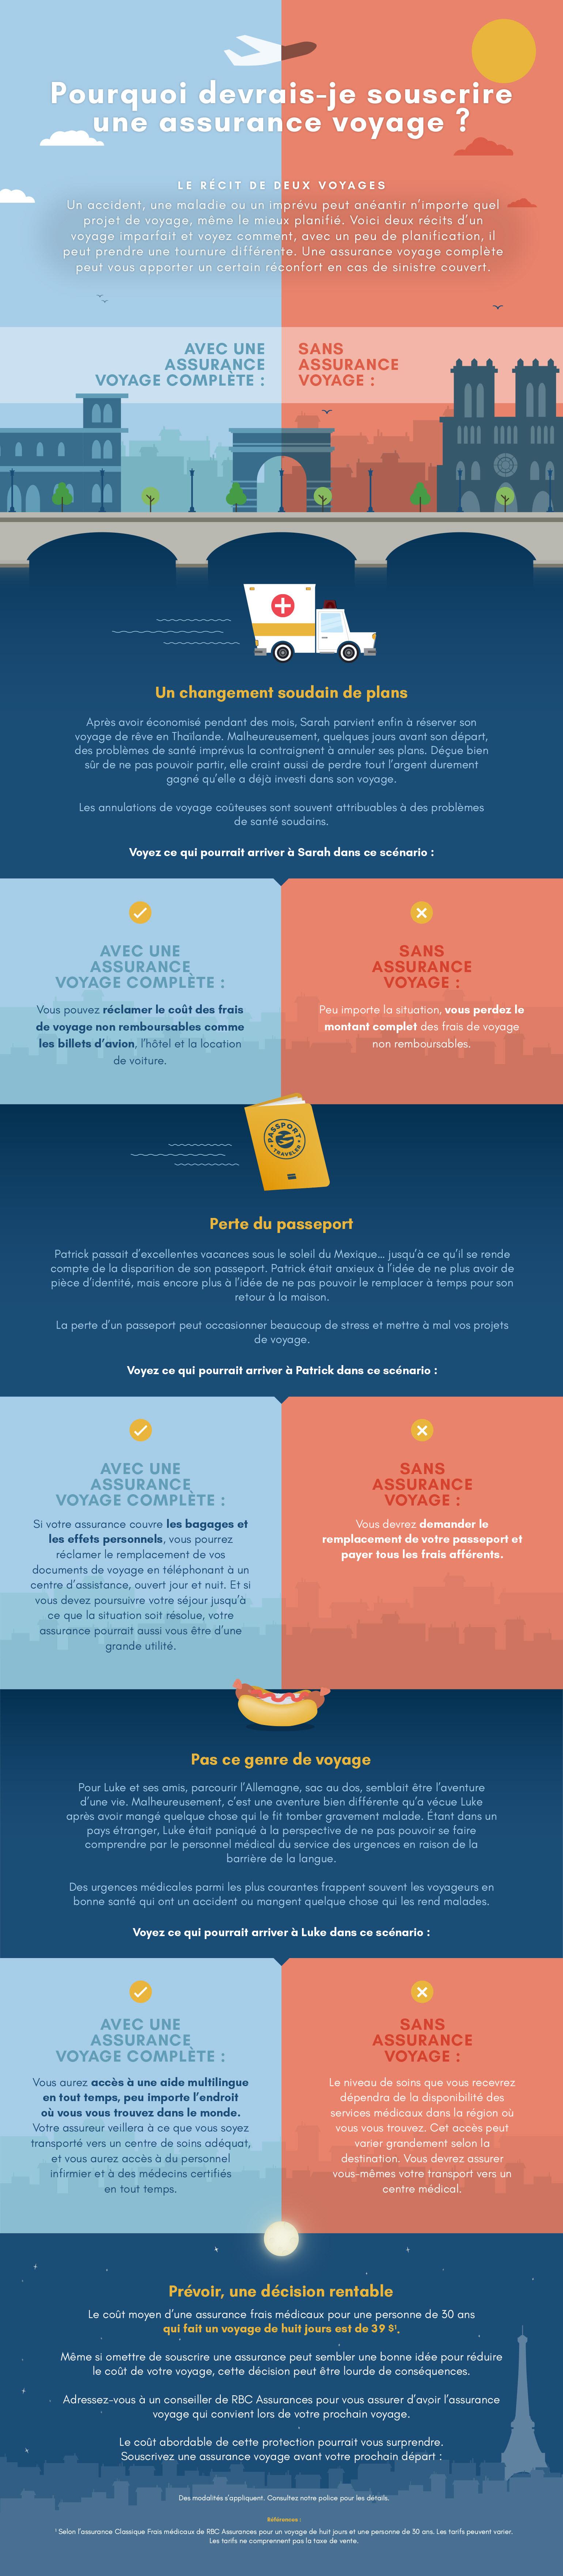 Infographie : Pourquoi devrais-je souscrire une assurance voyage ?